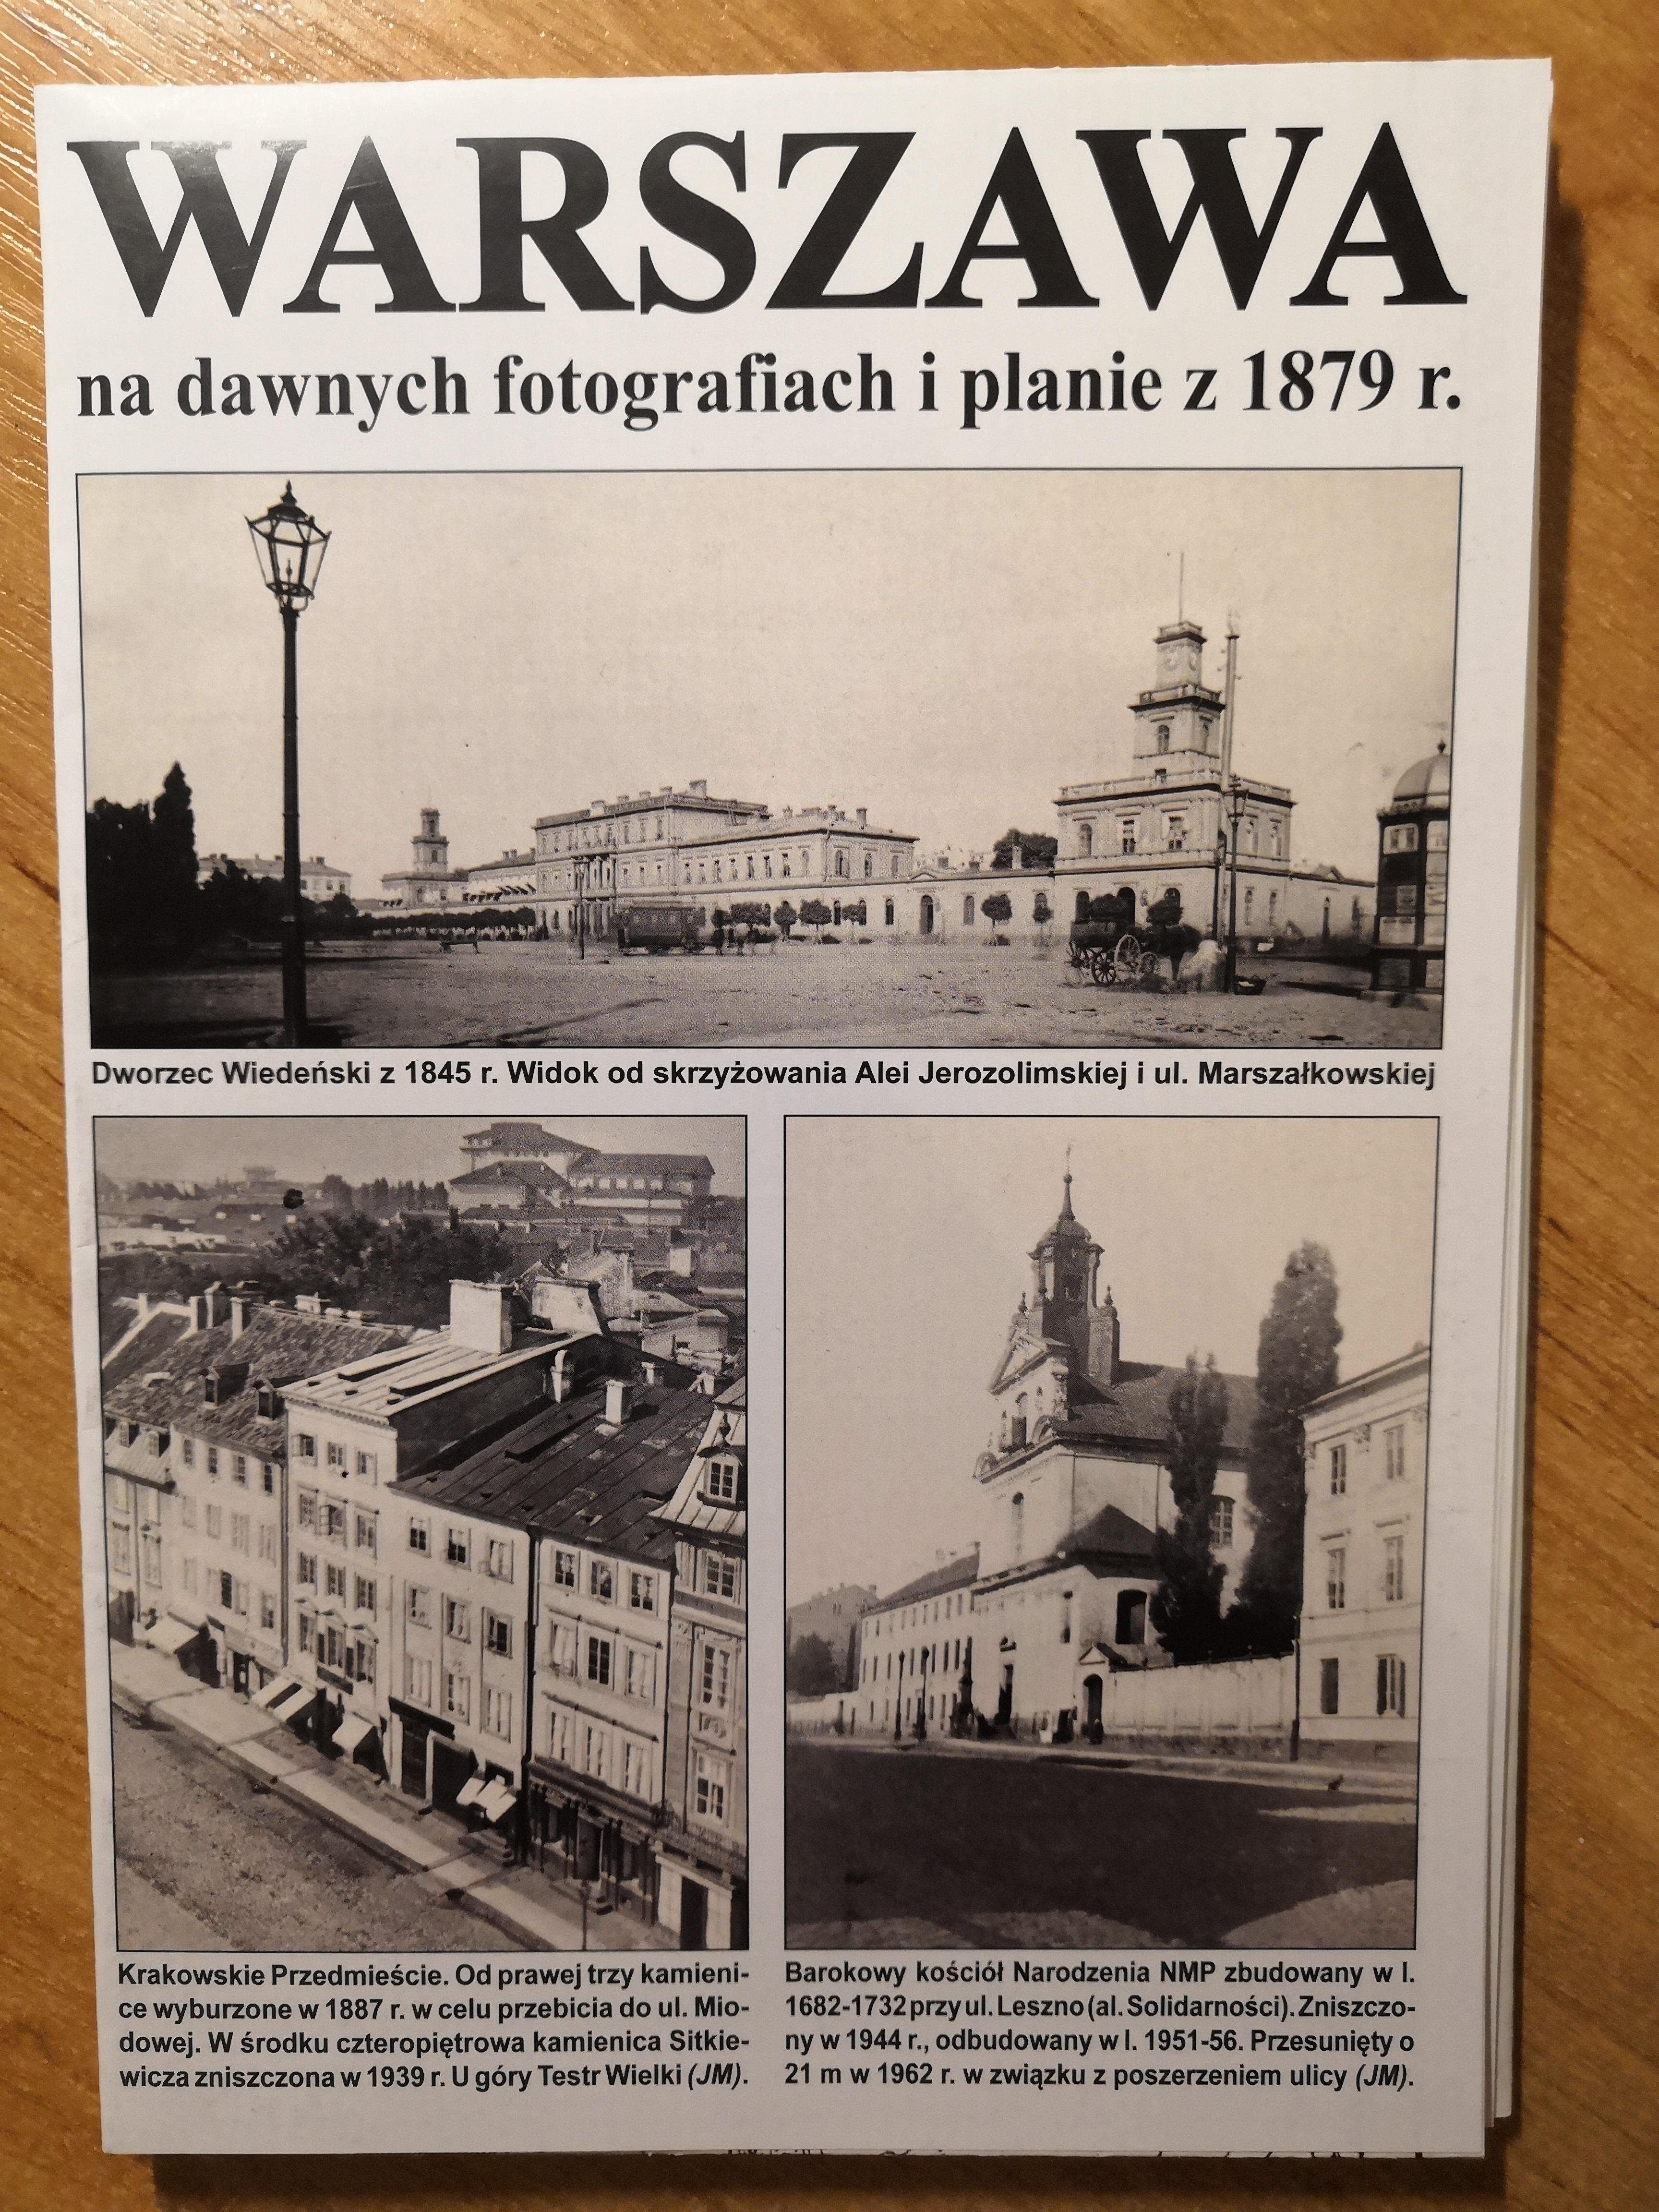 Warszawa na dawnych fotografiach i planie z 1879 r. (J.A.Krawczyk)